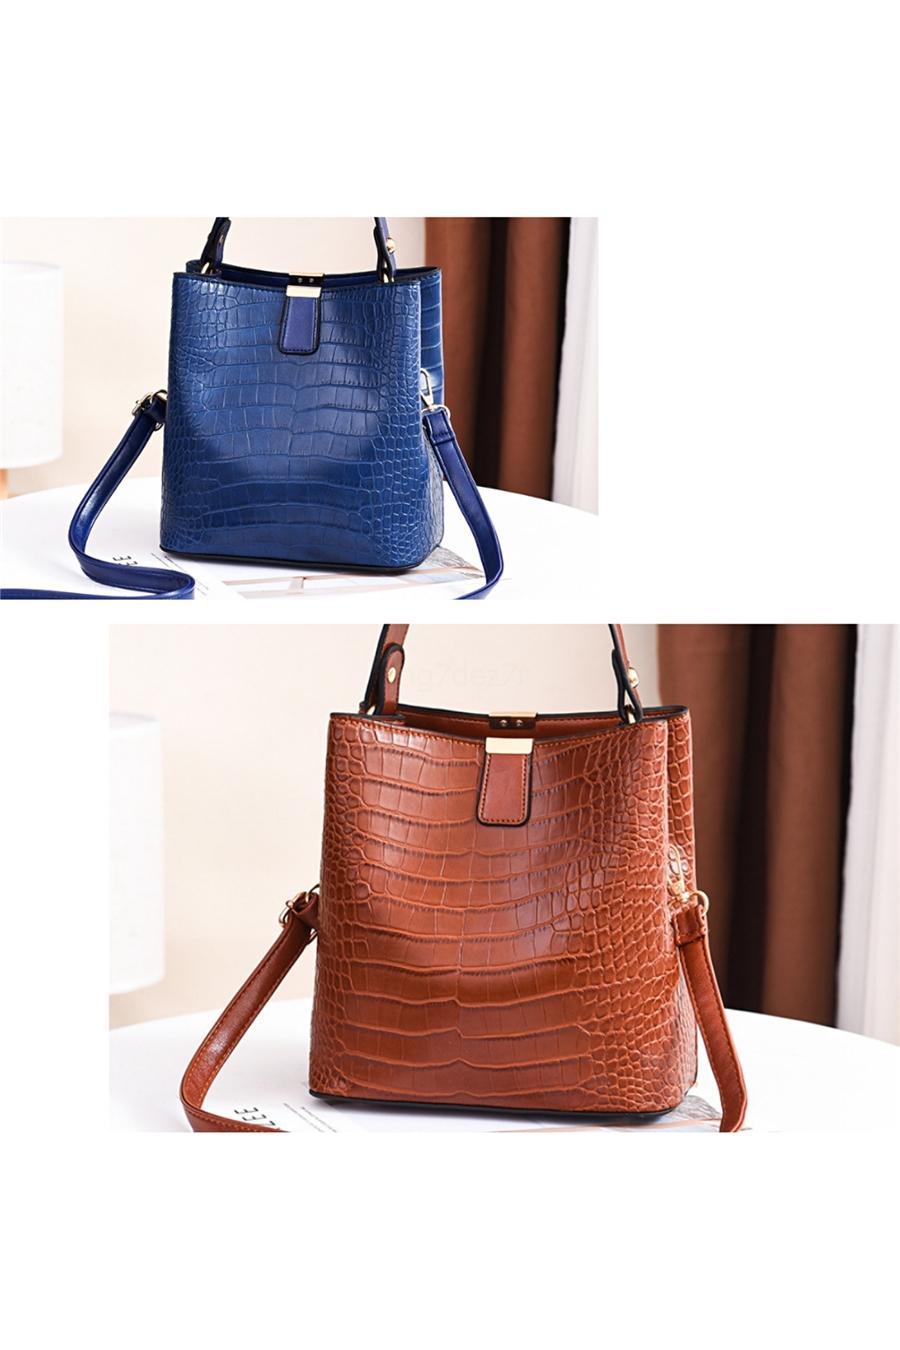 New 5er Set Frauen Composite-Beutel-Qualitäts-Damen Handtaschen Frau PU-Leder-Schulter-Kurier-Beutel-Taschen-Tasche Bolsa # 119